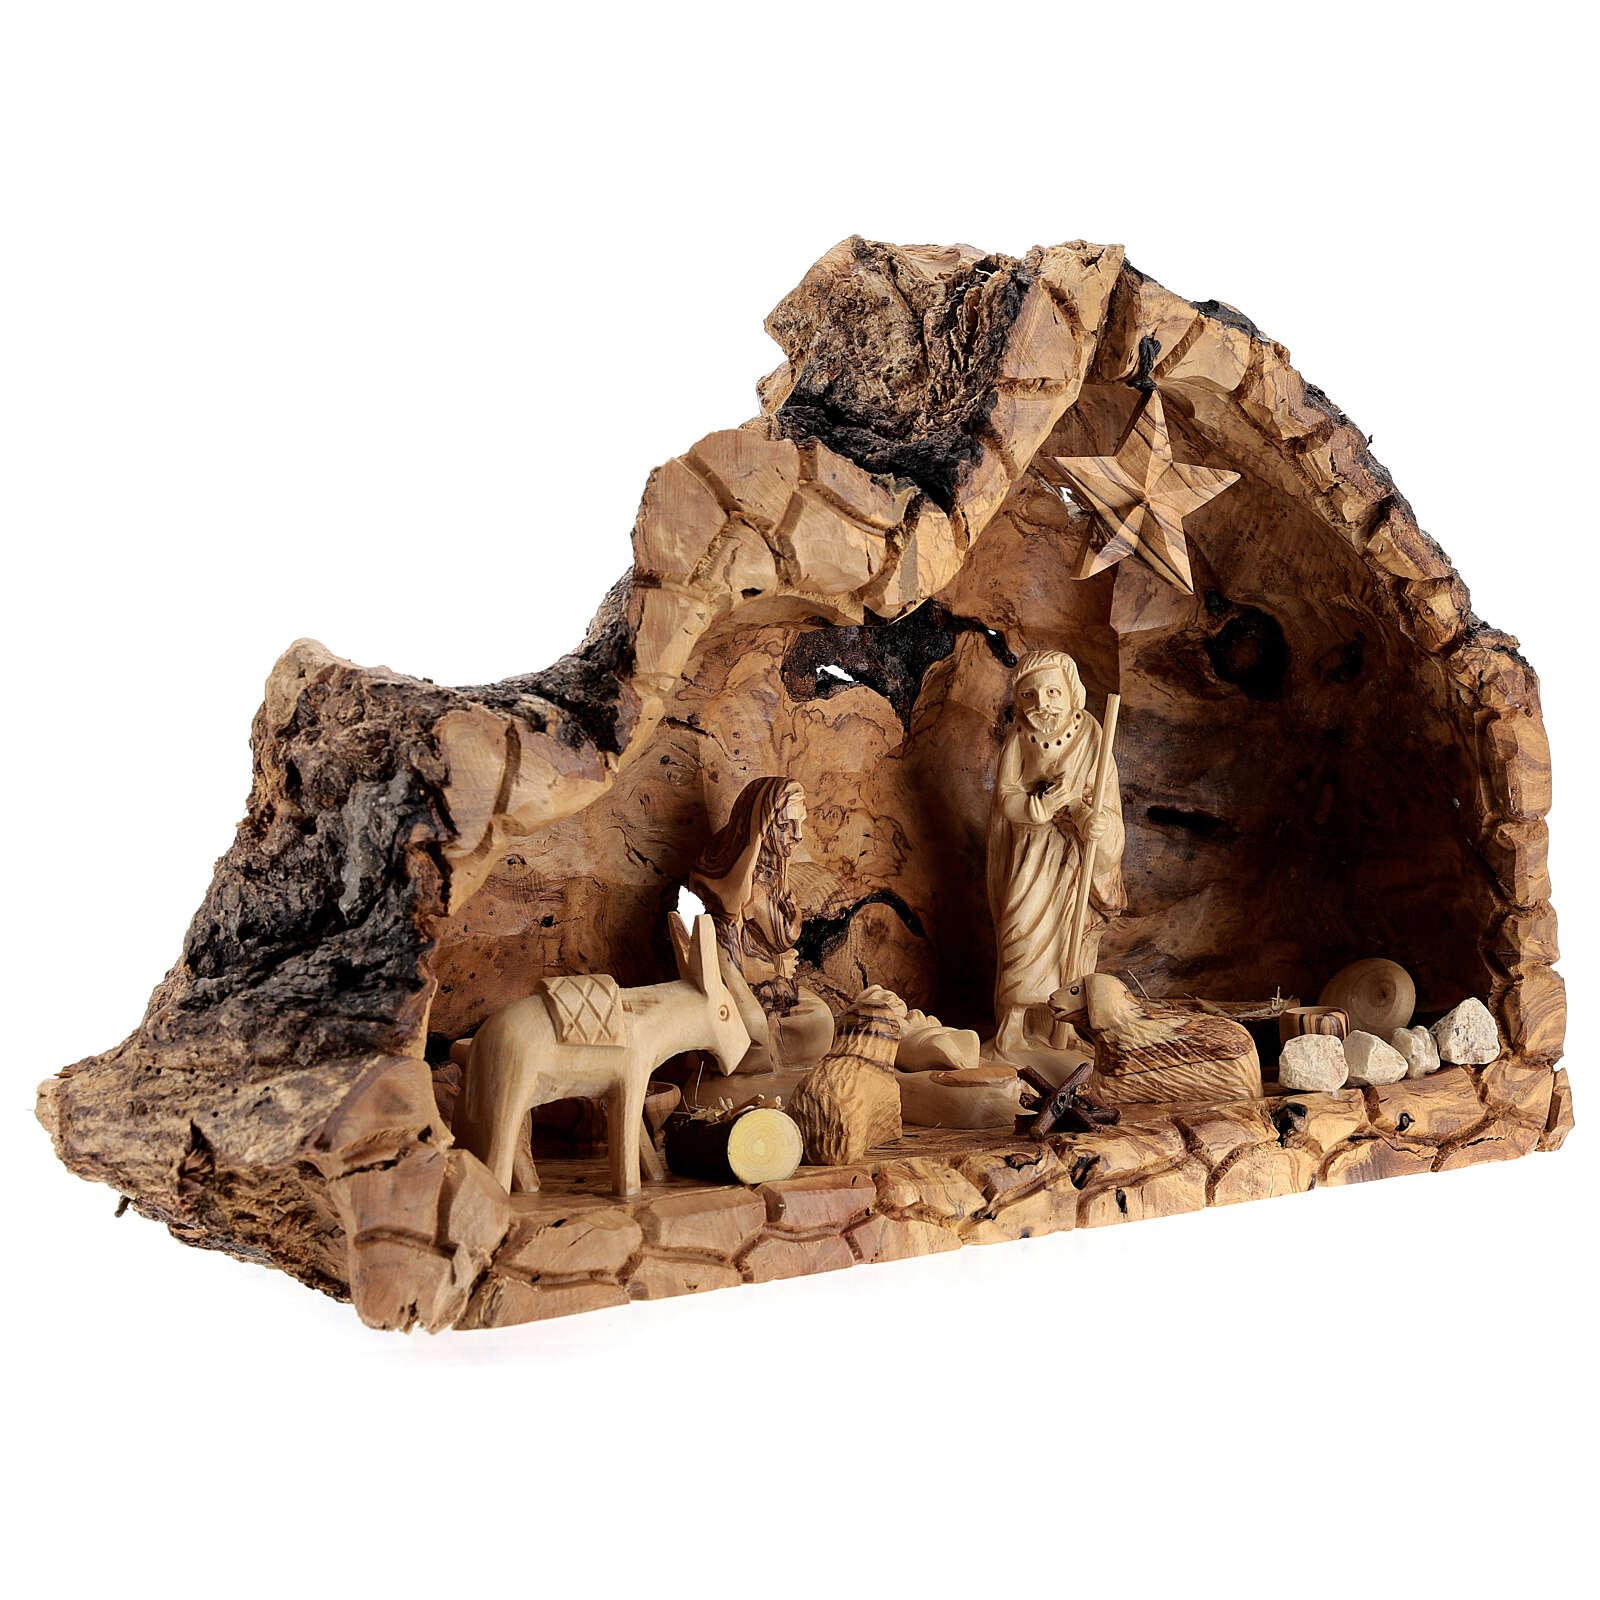 Cabana Natividade madeira de oliveira natural de Belém com figuras 10 cm, 22x34x12 cm 4